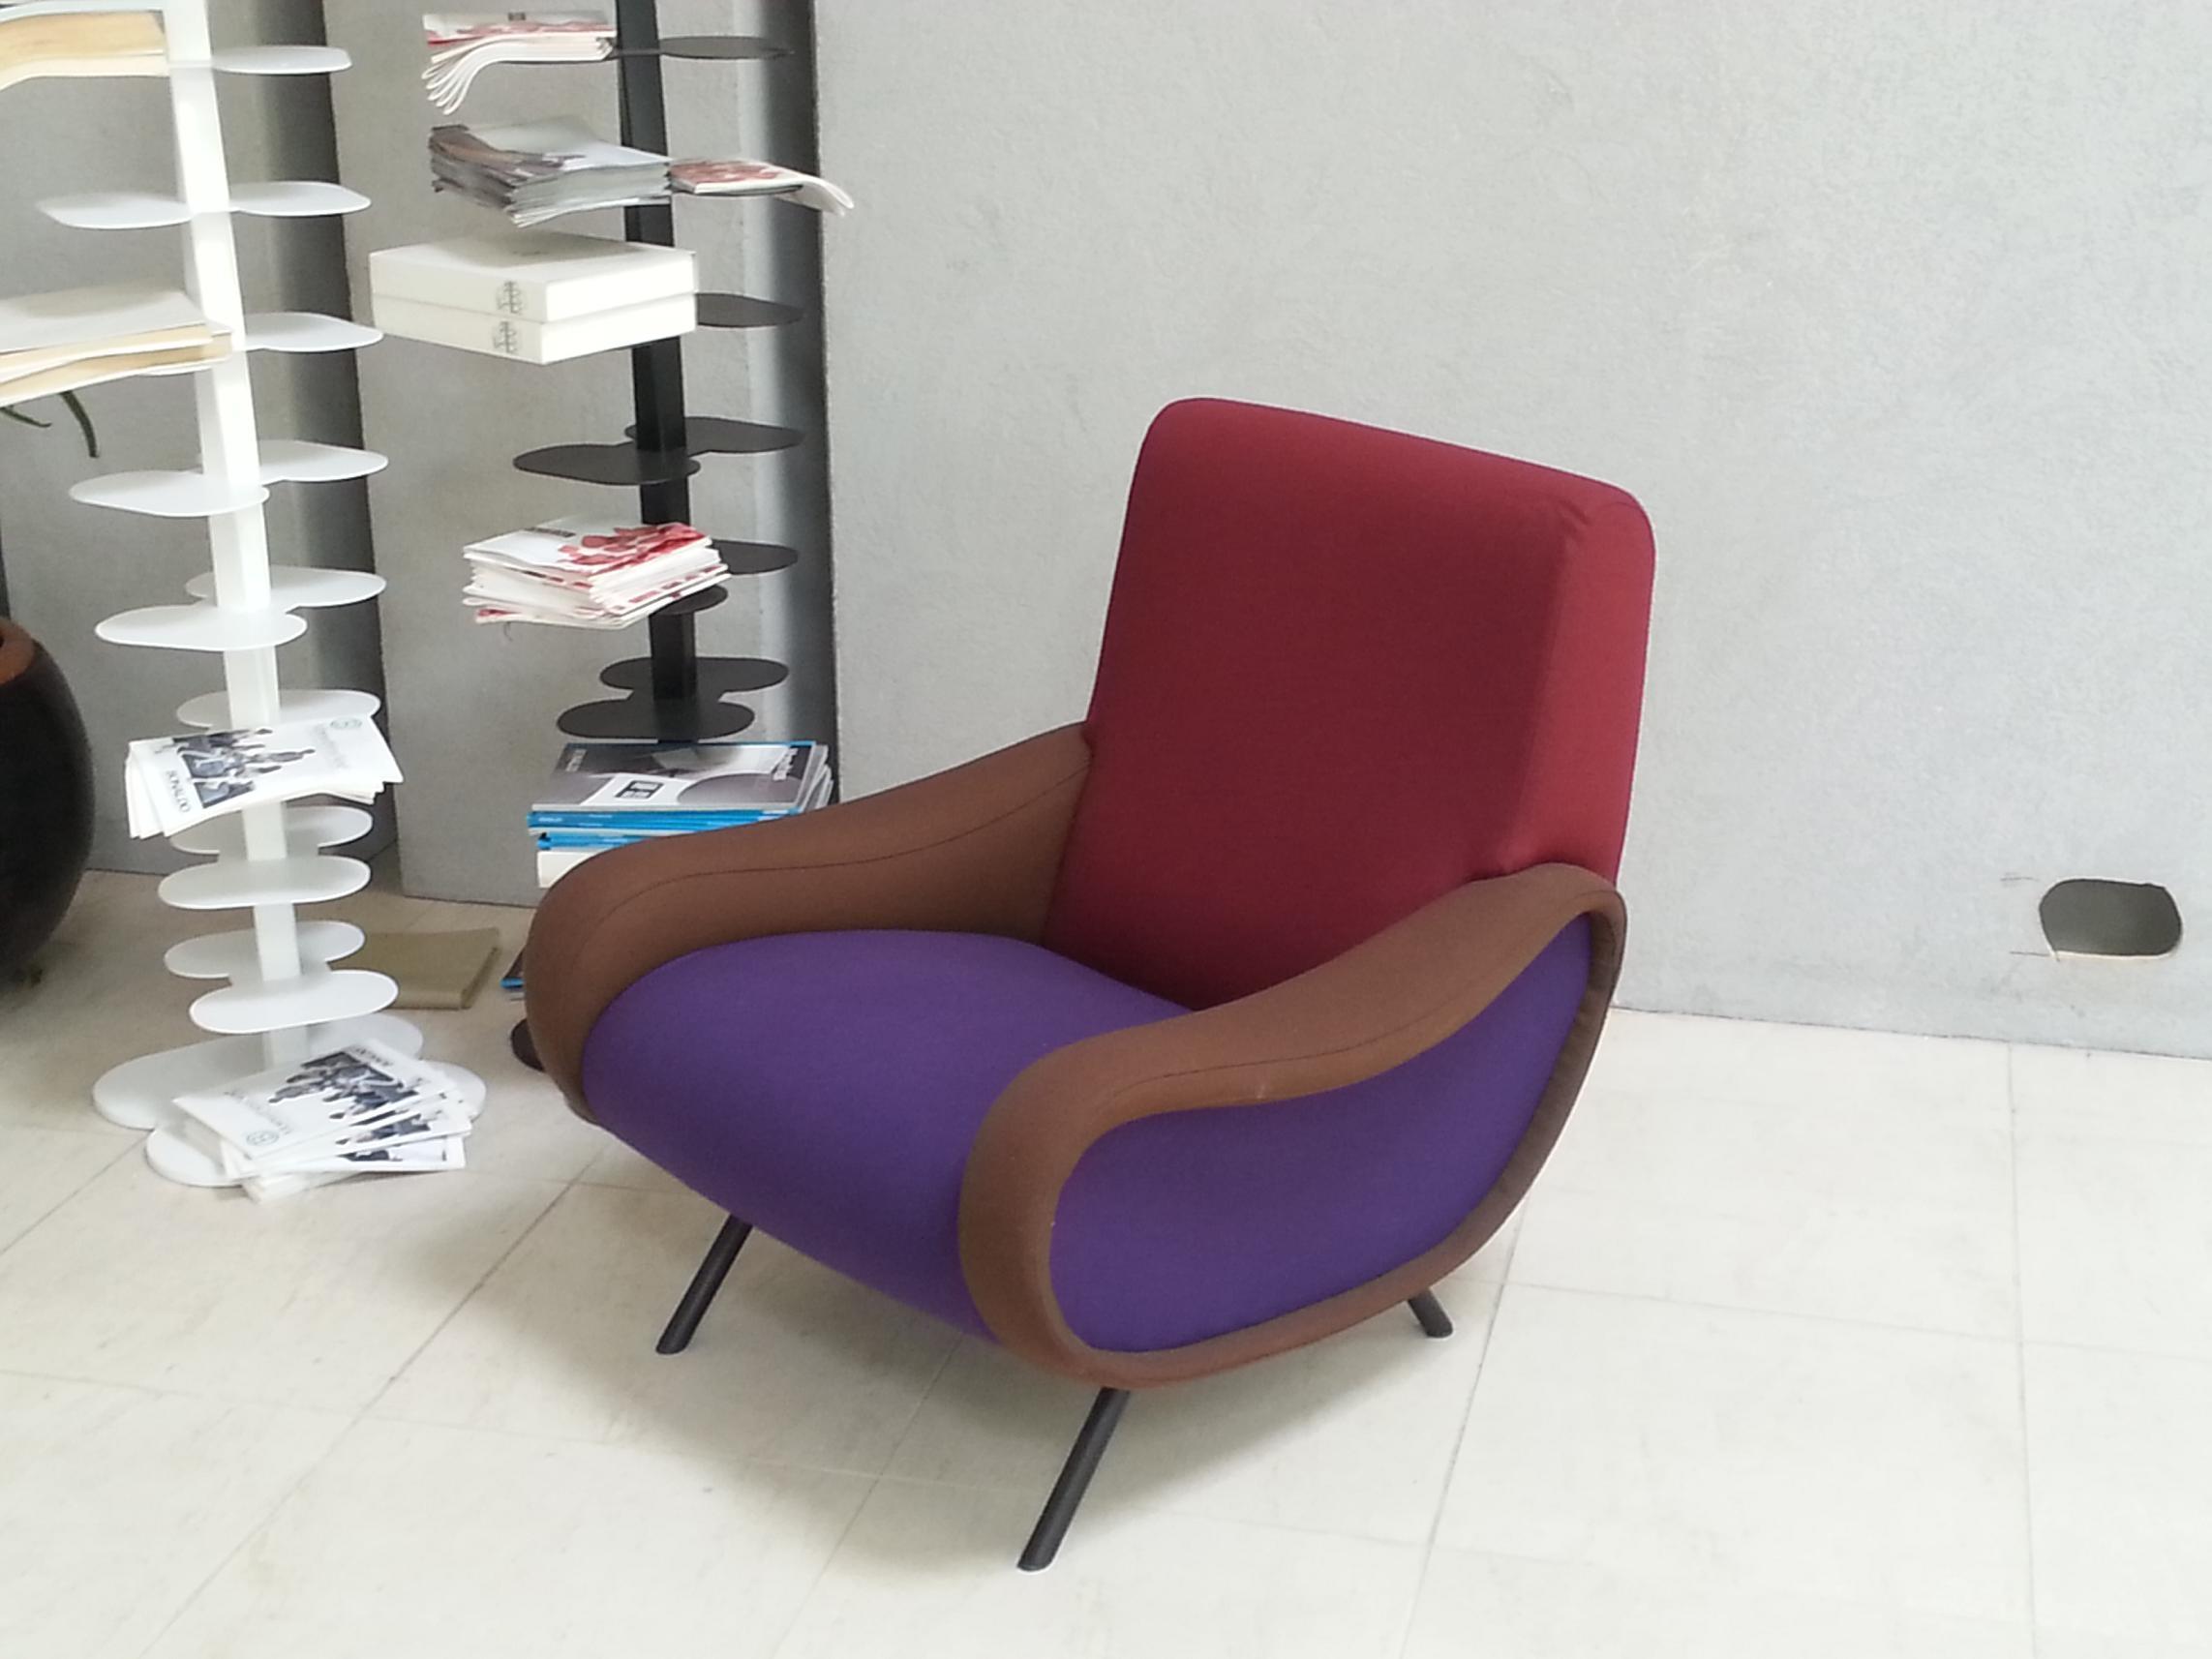 Poltrona lady arflex divani a prezzi scontati for Outlet arredamento divani